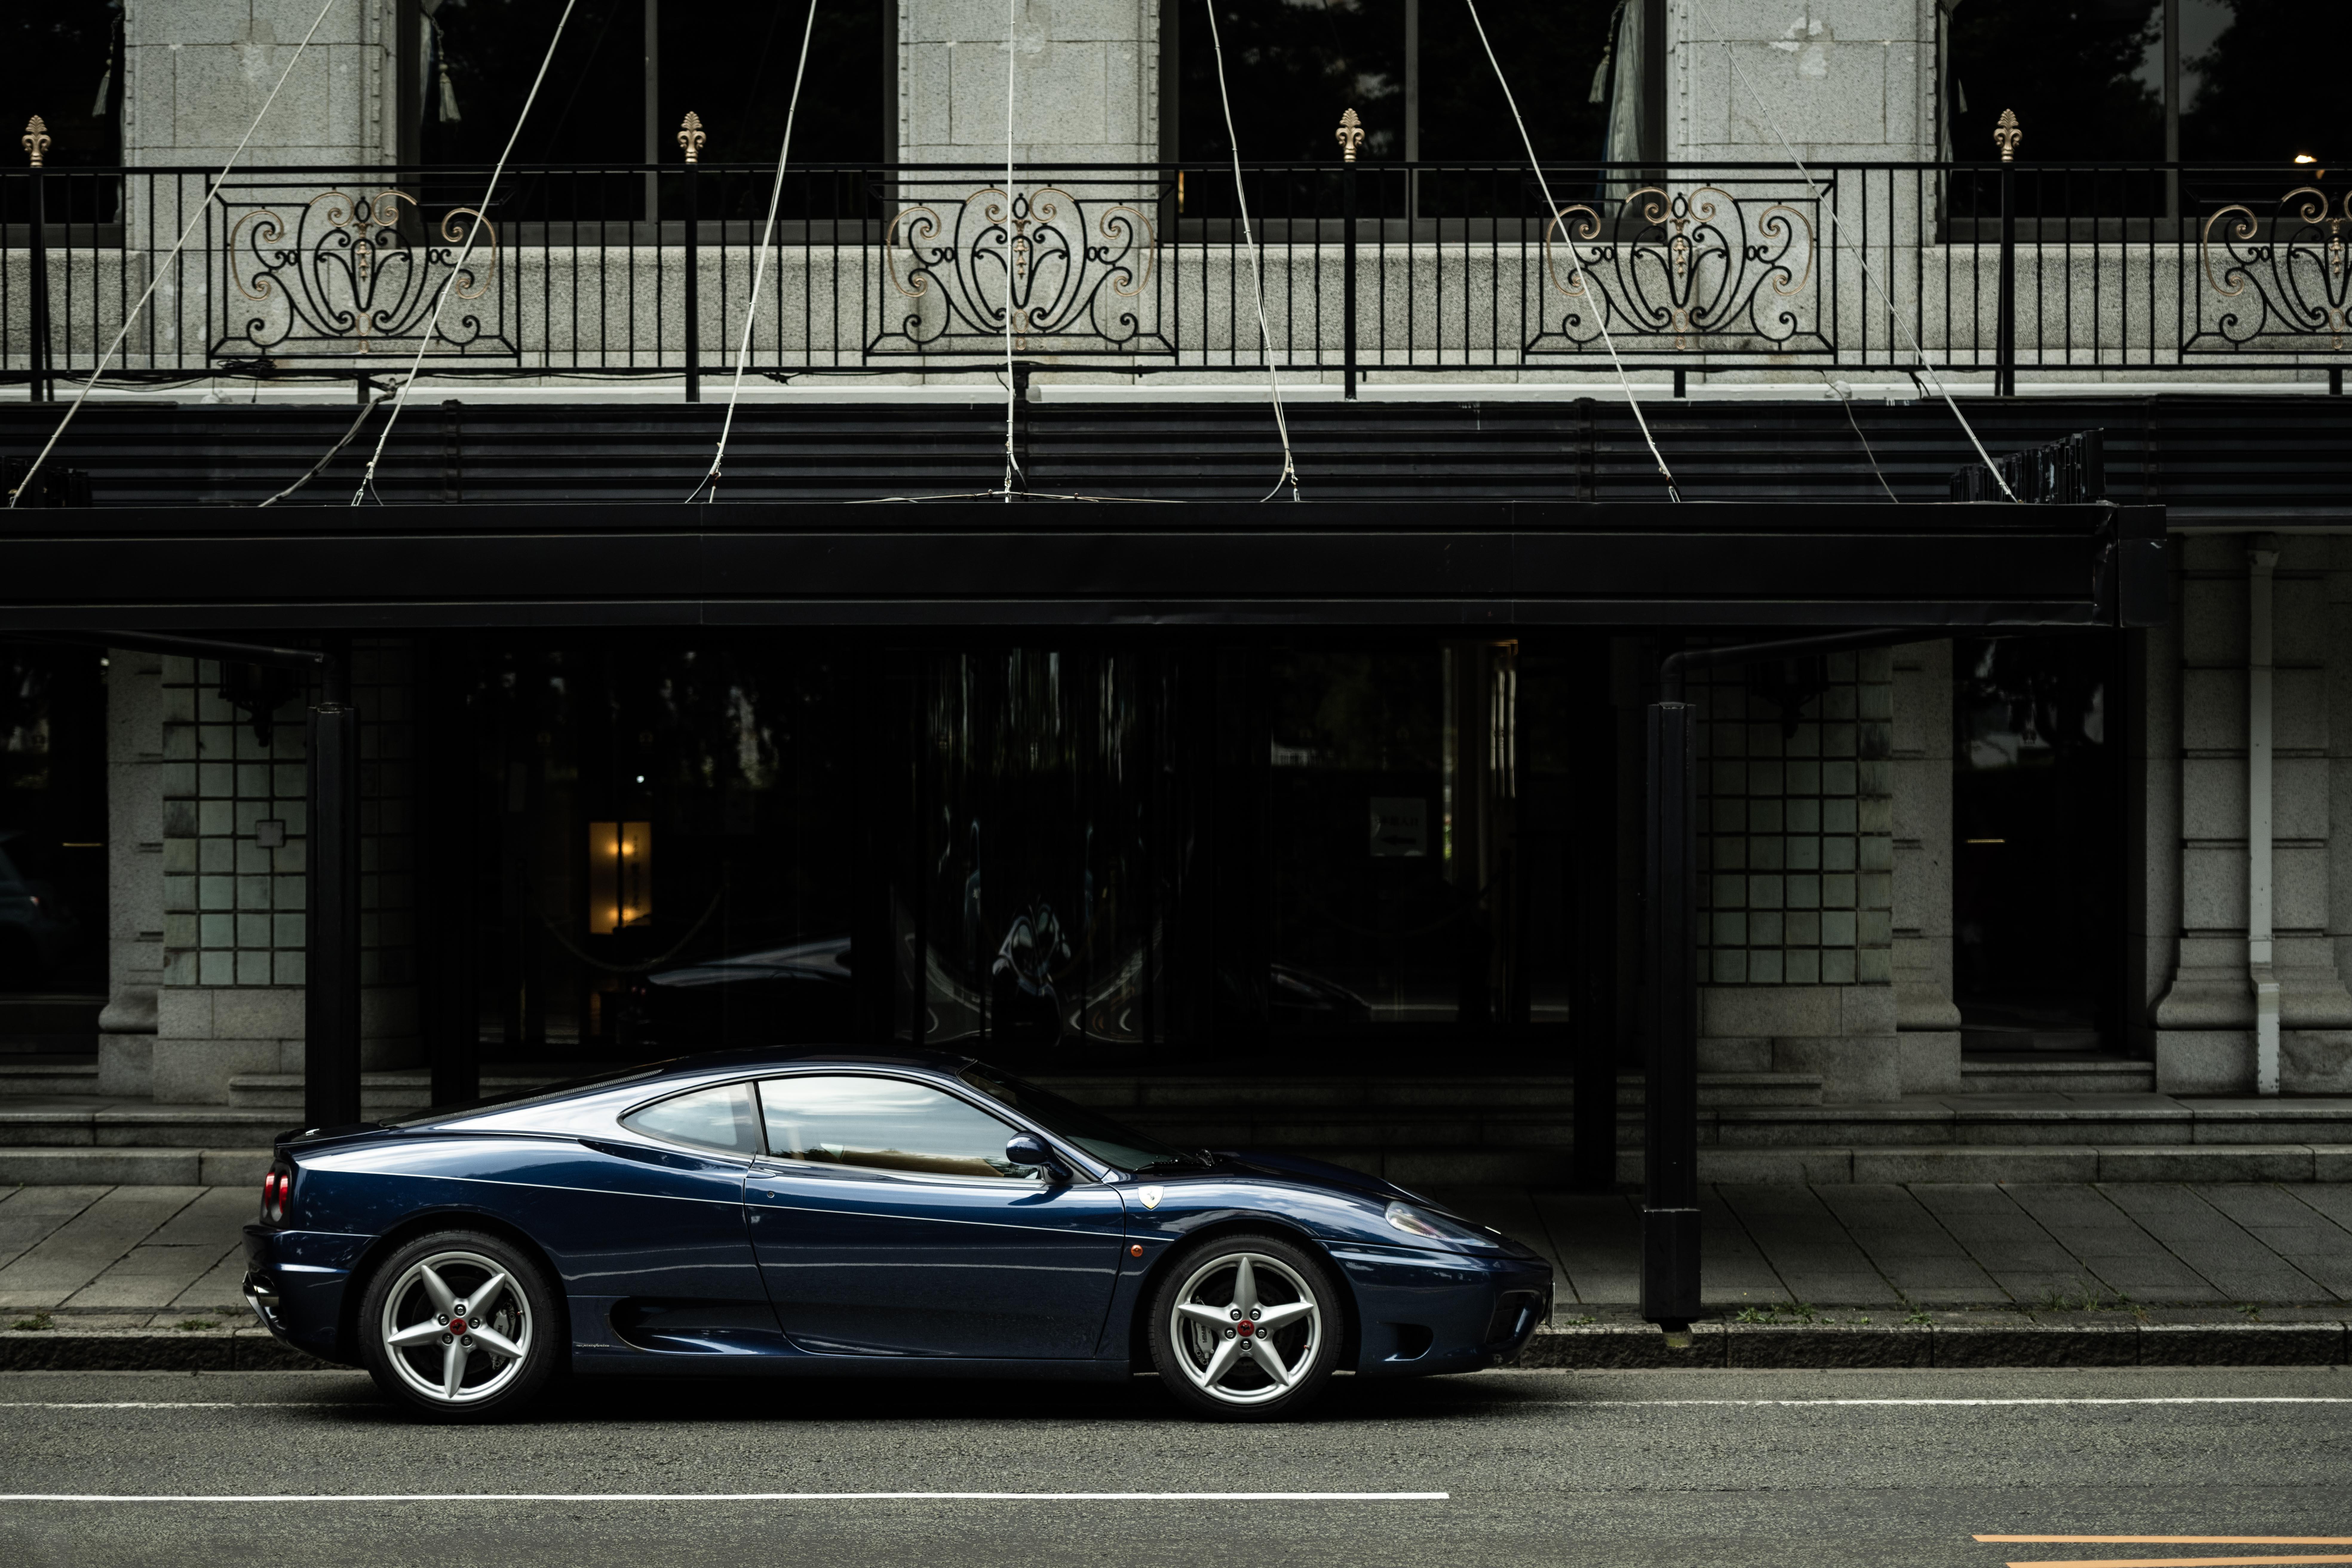 29歳、フェラーリを買う──Vol.117自動車保険の見直し